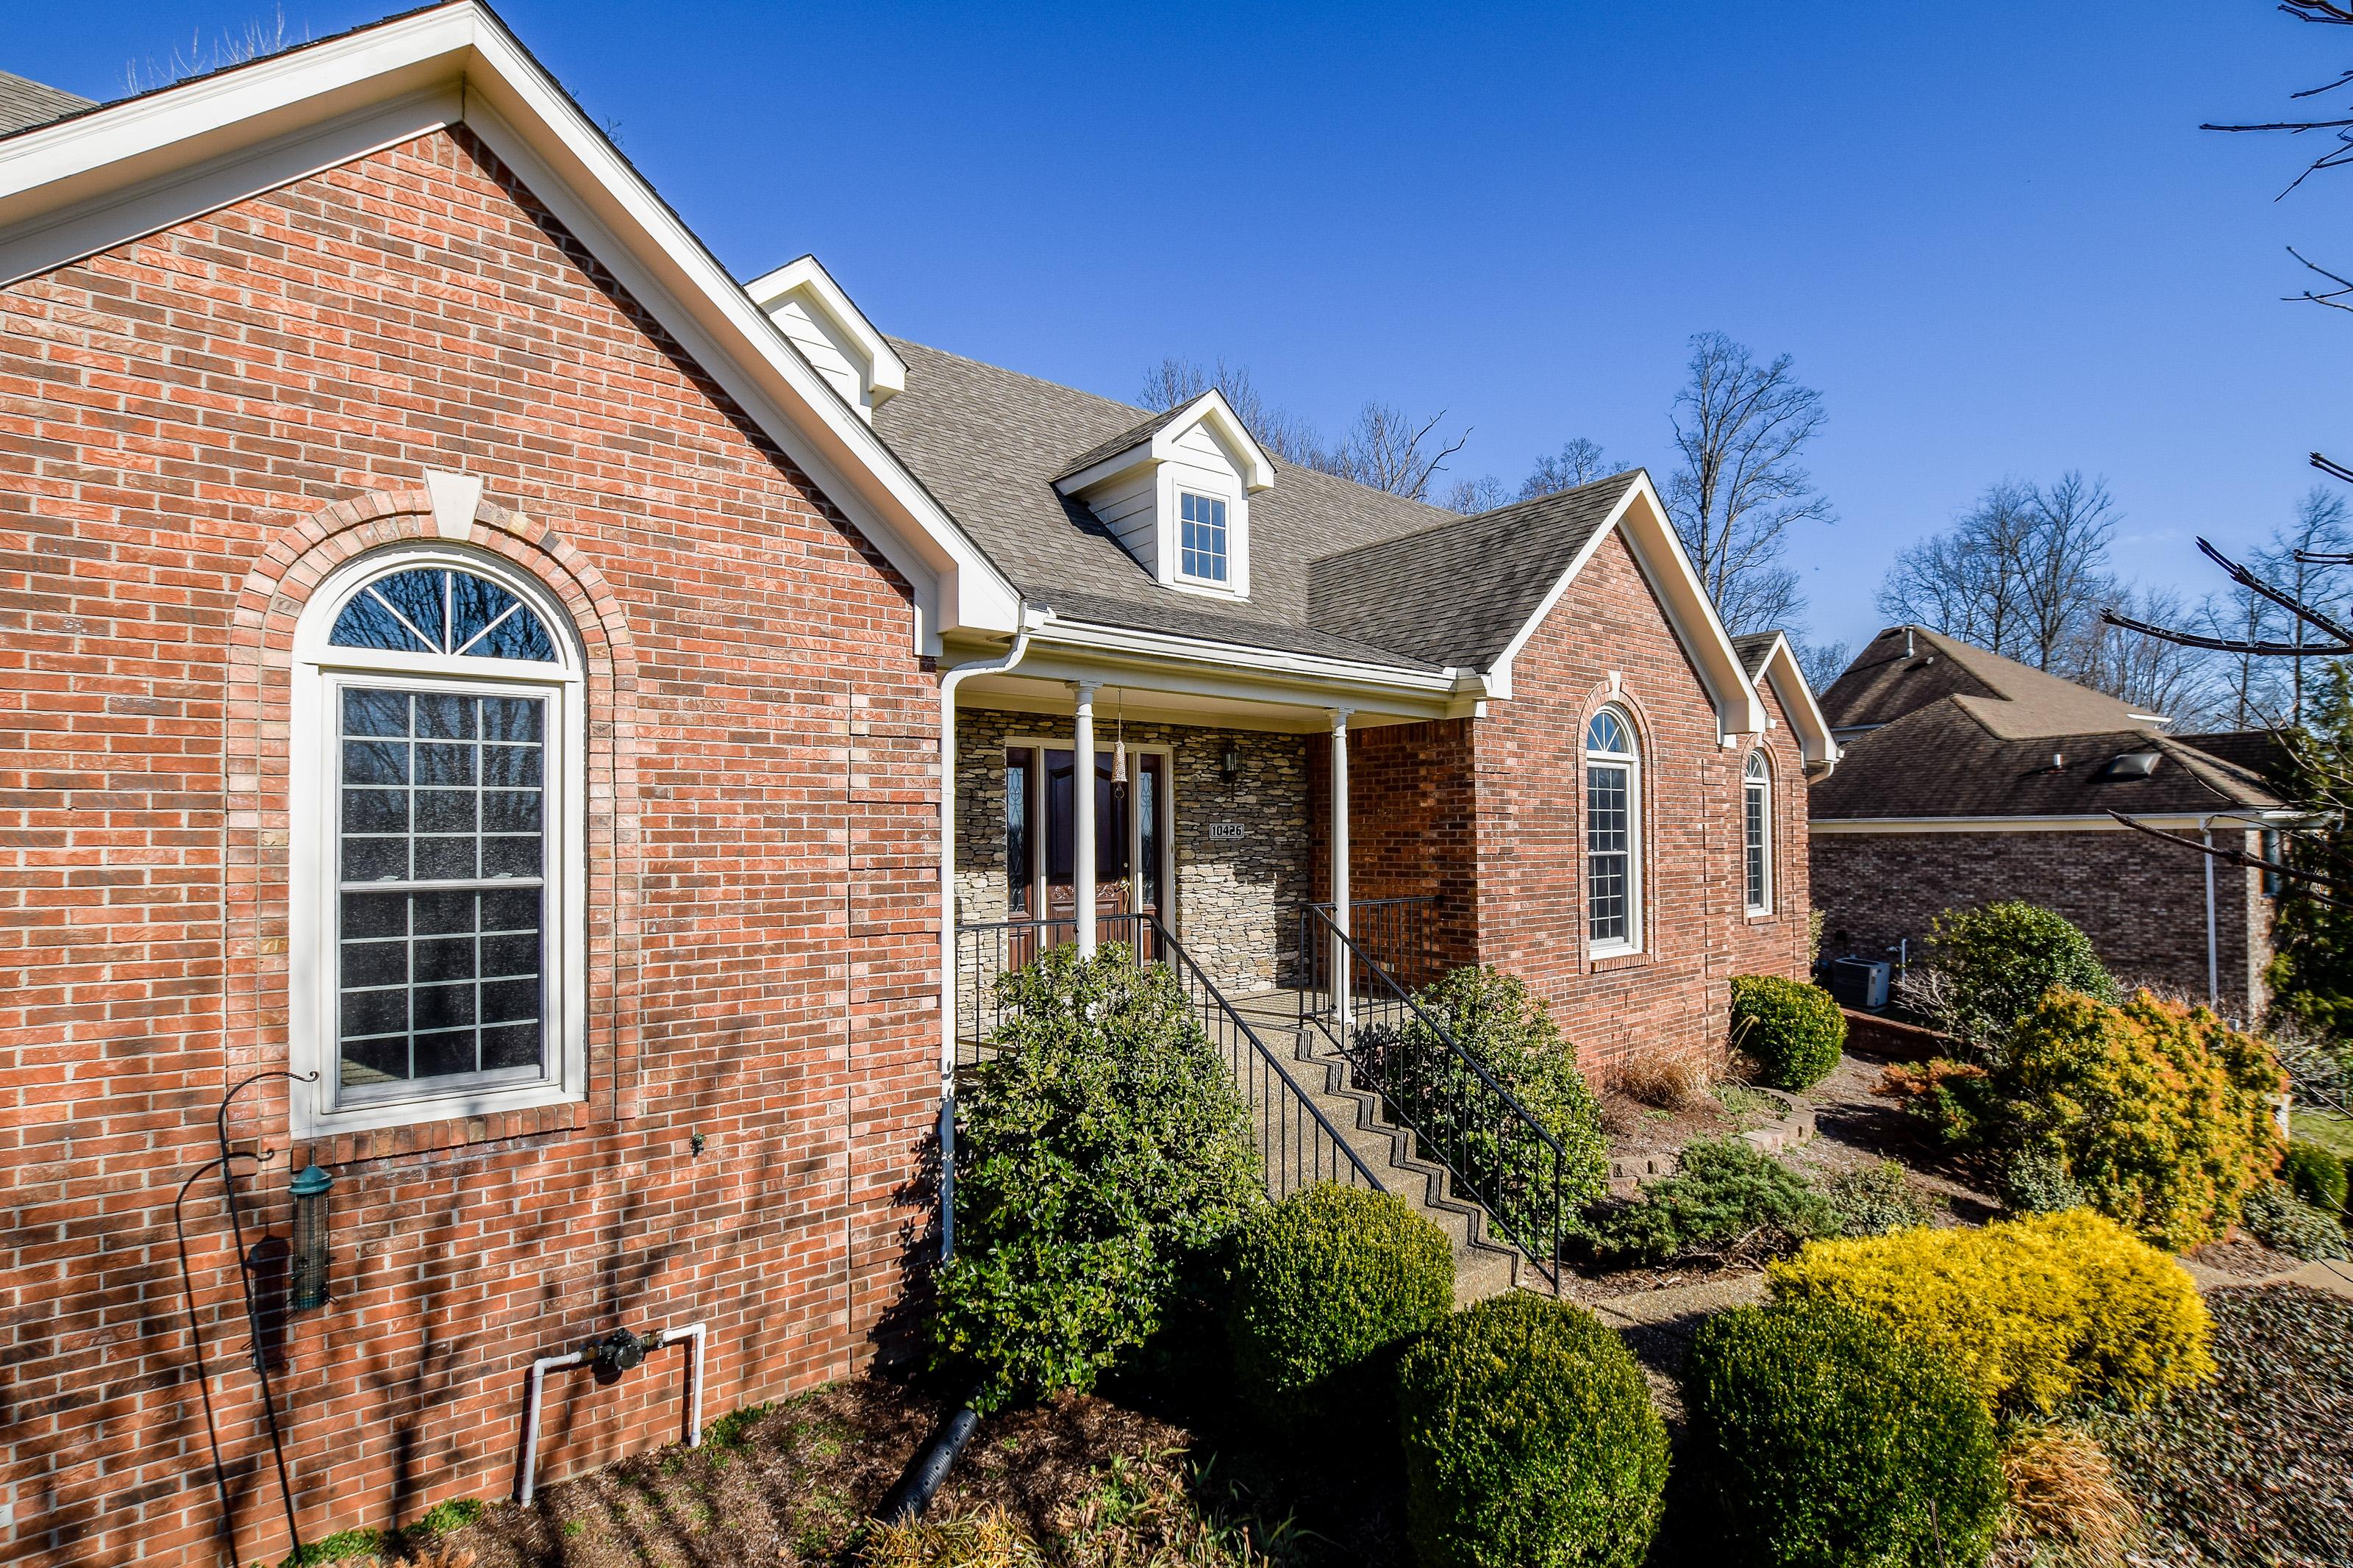 一戸建て のために 売買 アット 10426 Worthington Lane Prospect, ケンタッキー, 40059 アメリカ合衆国